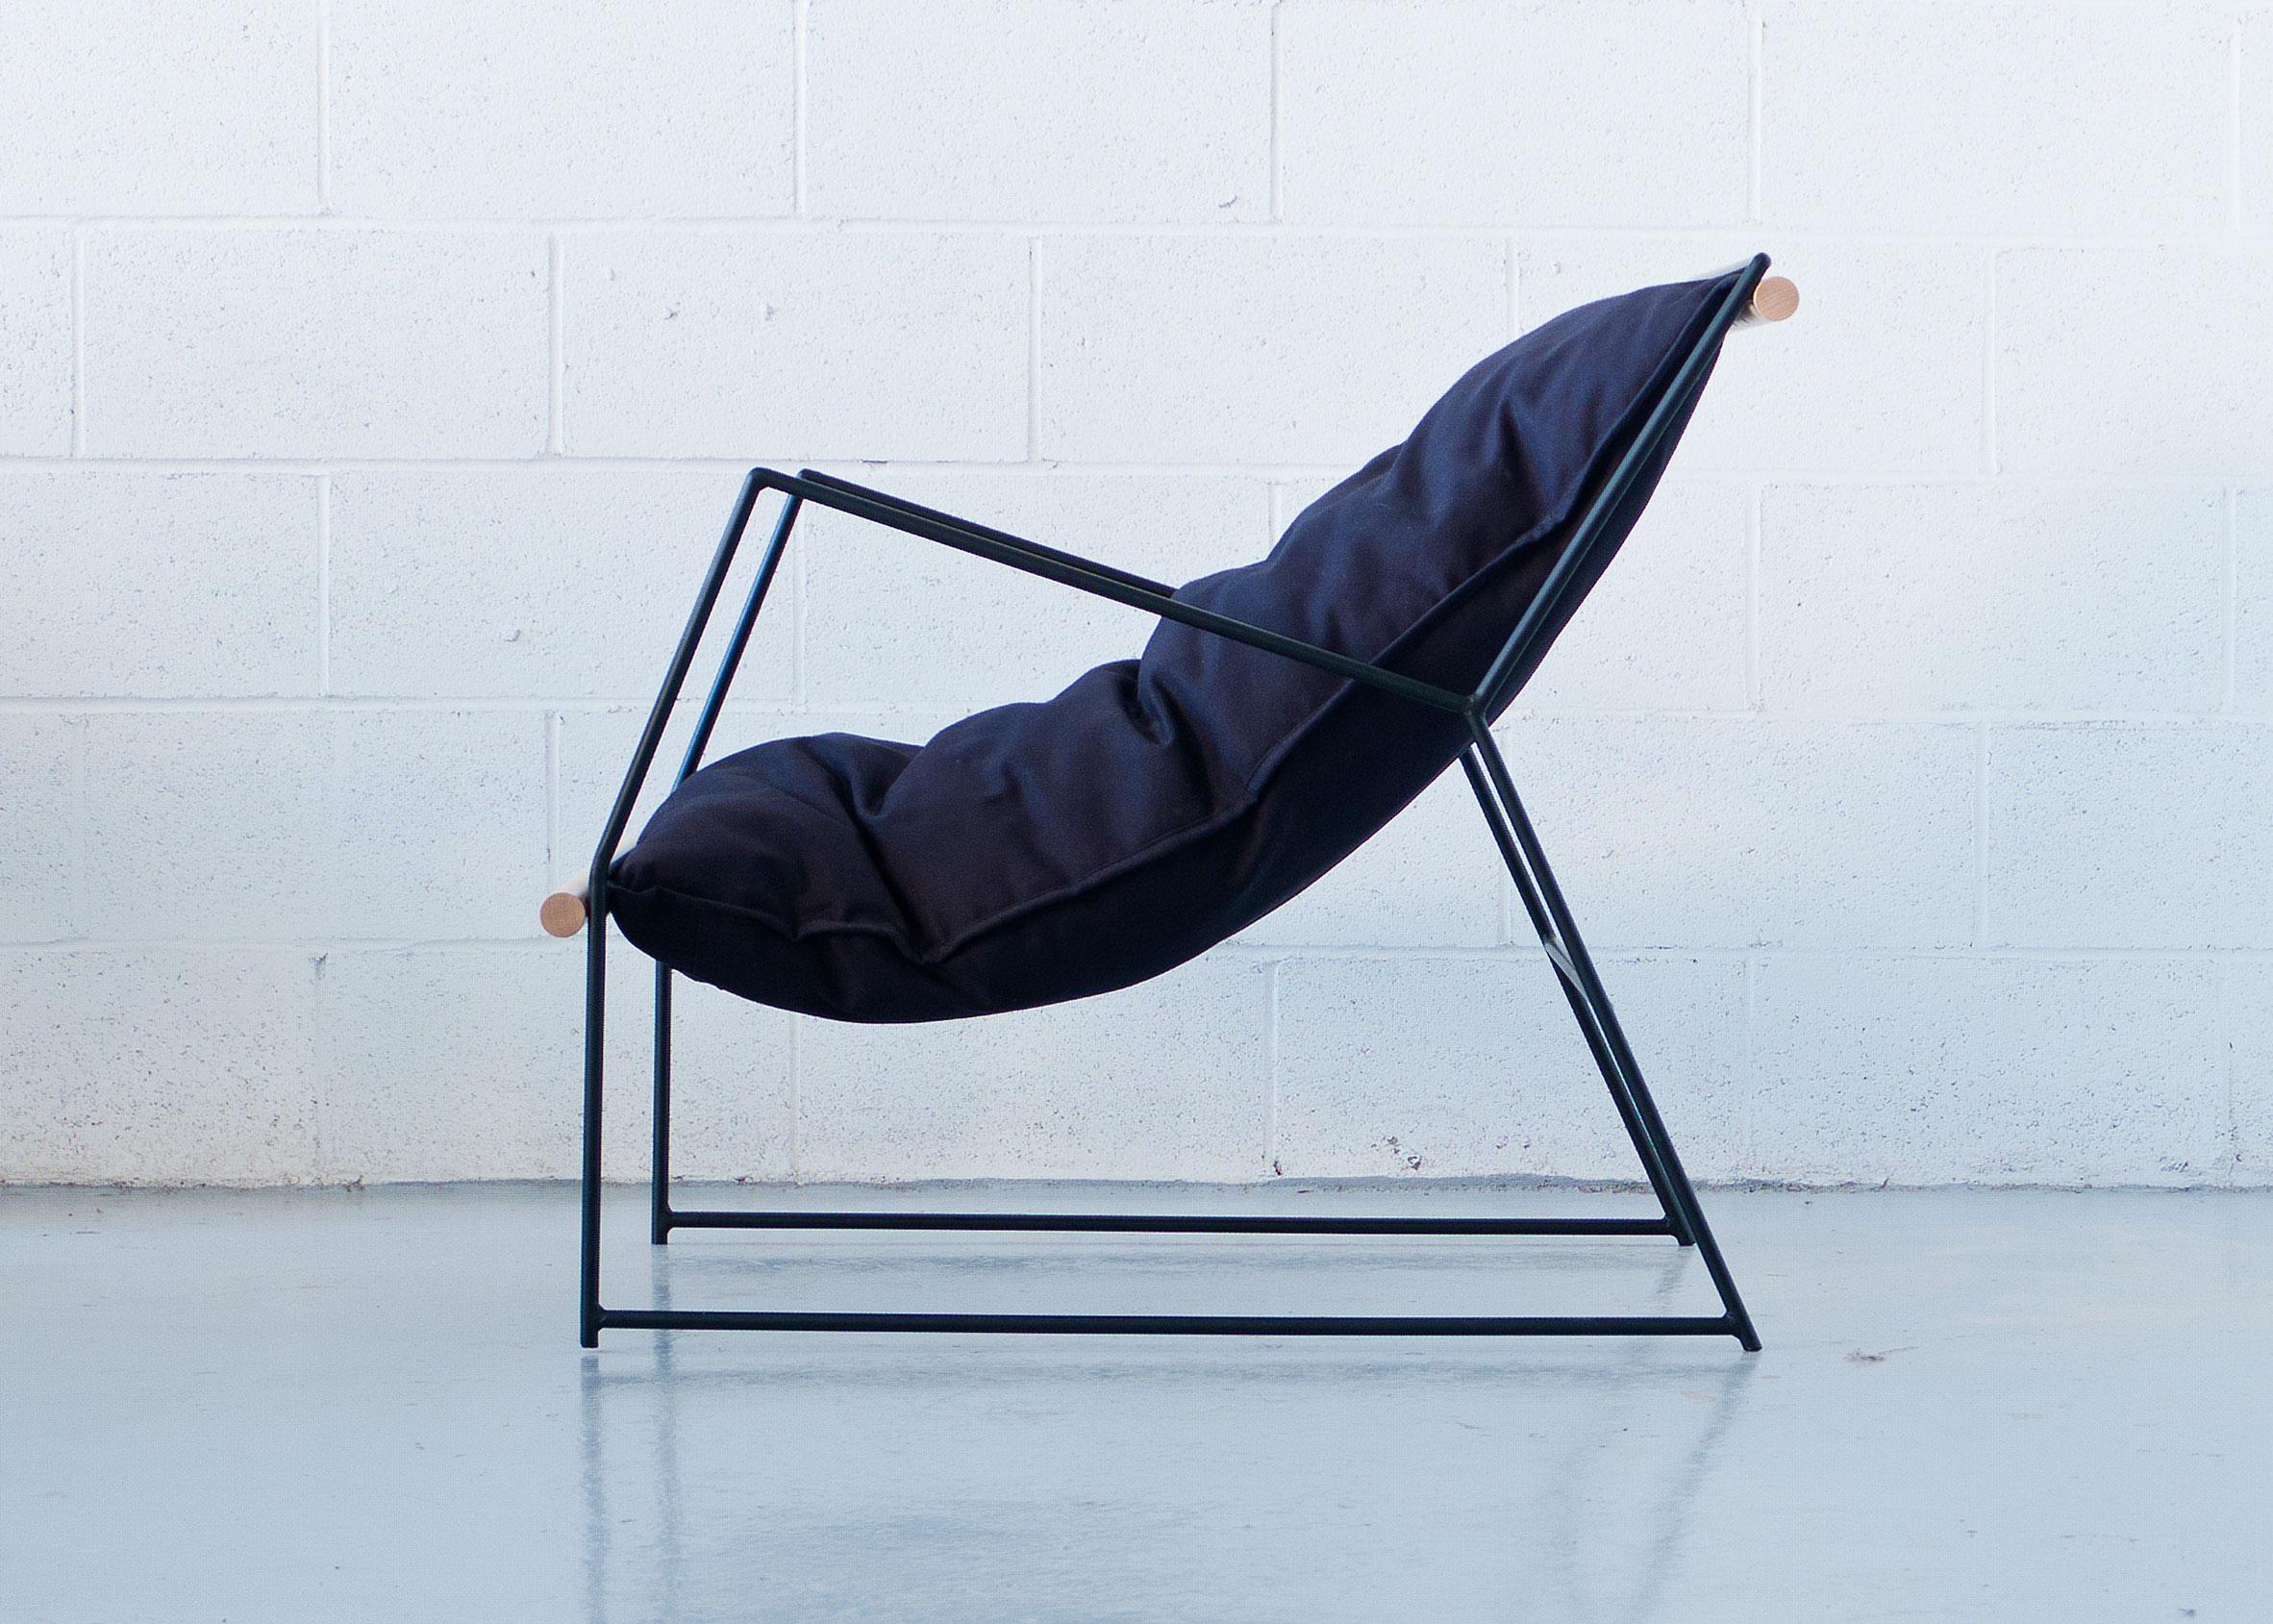 Kumo chair by Mitz Takahashi